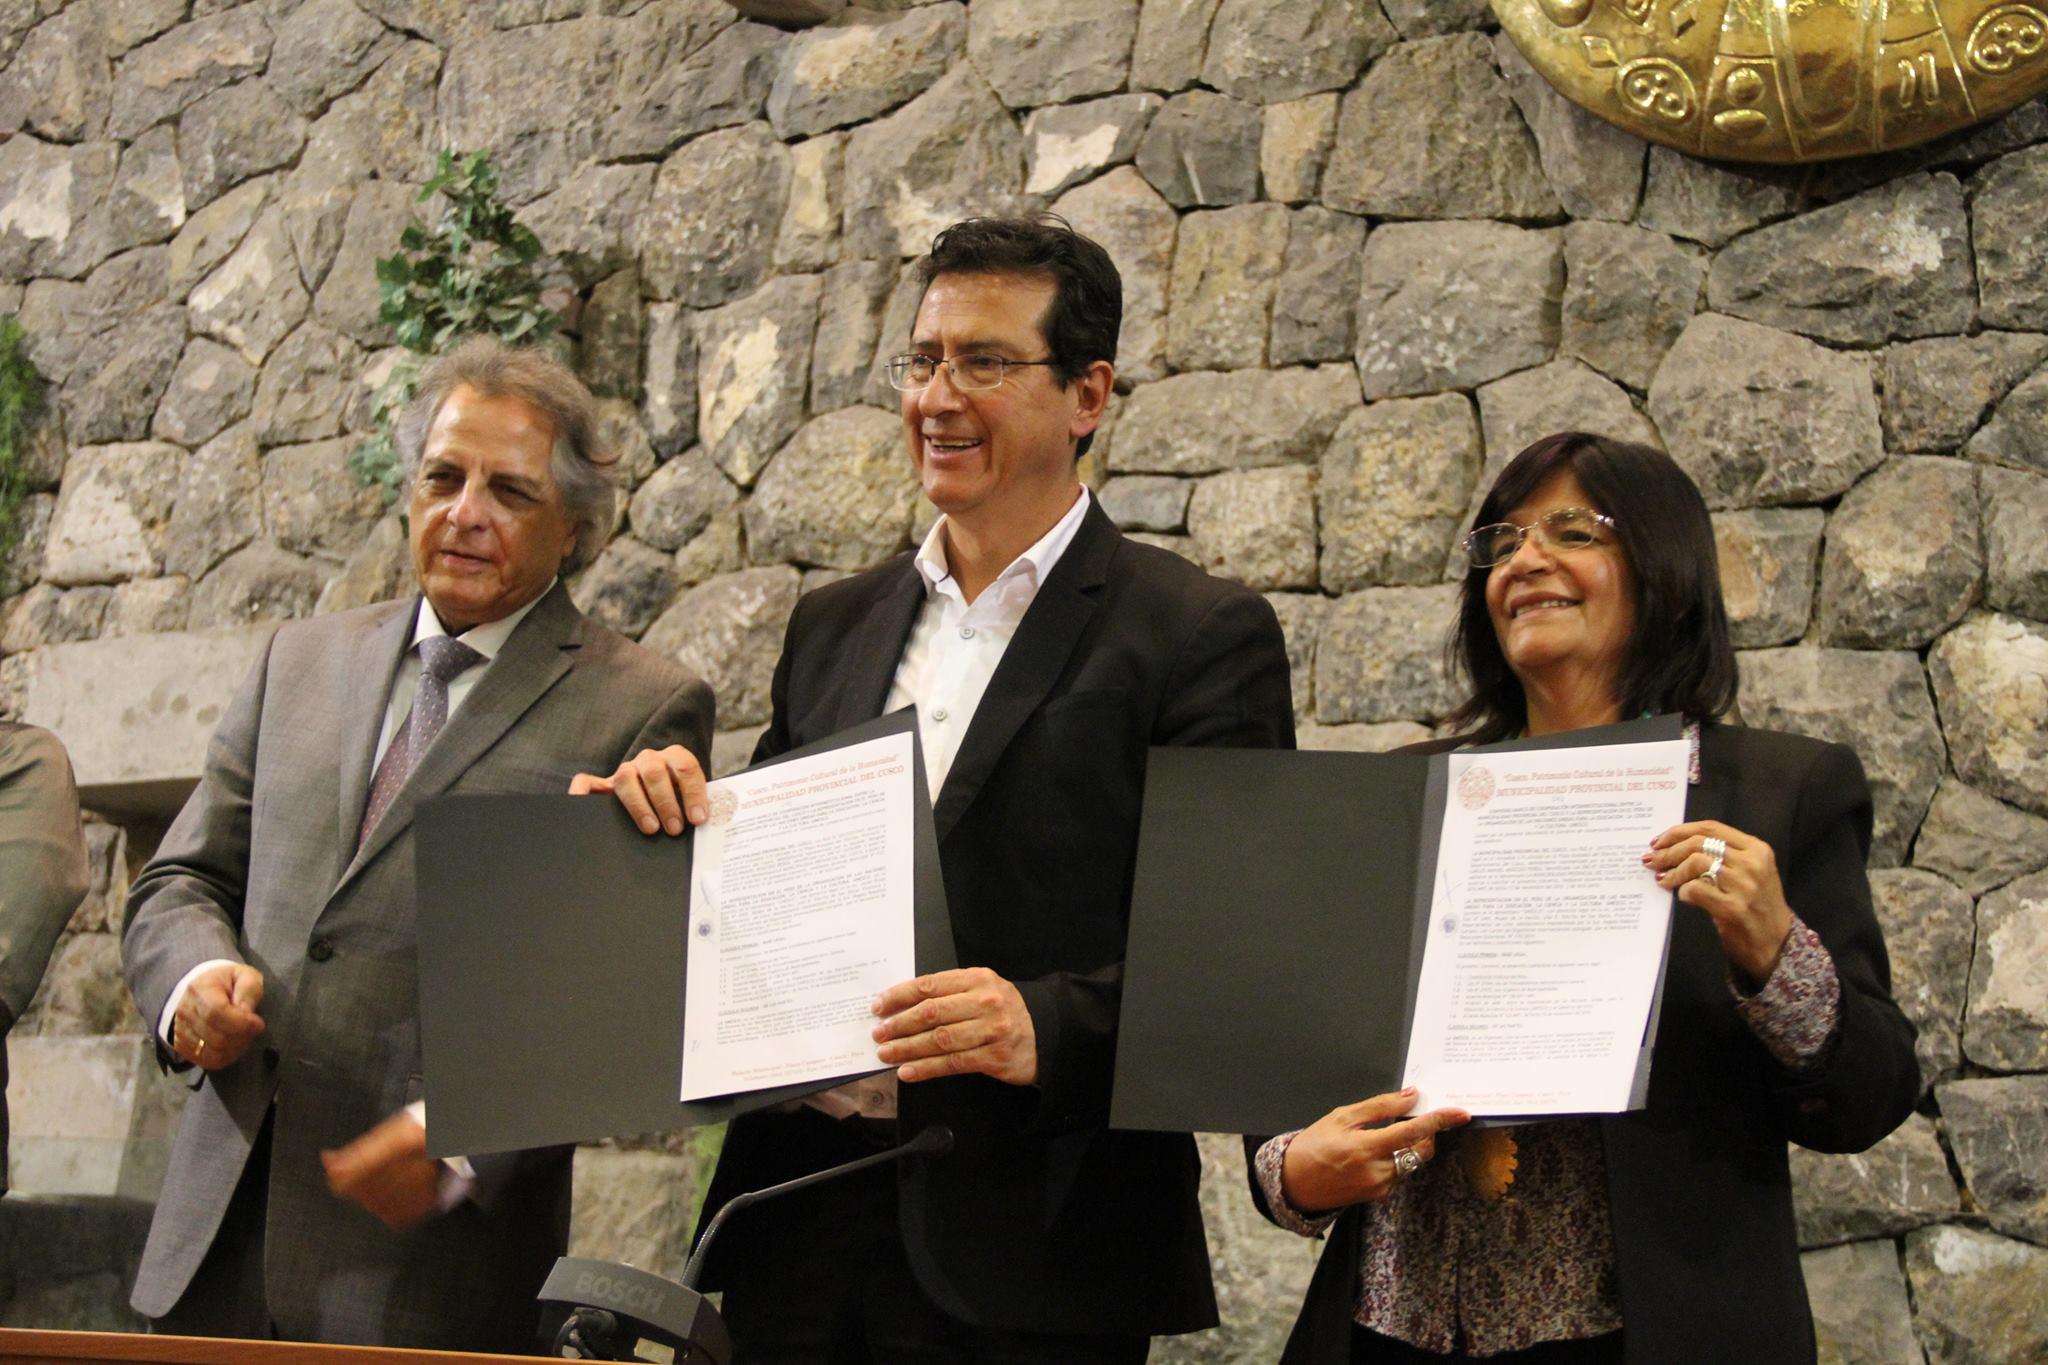 CONVENIO MARCO DE COOPERACIÓN INTERINSTITUCIONAL ENTRE LA MUNICIPALIDAD PROVINCIAL DEL CUSCO Y LA REPRESENTACIÓN EN EL PERÚ DE LA ORGANIZACIÓN DE LAS NACIONES UNIDAS PARA LA EDUCACIÓN, LA CIENCIA Y LA CULTURA – UNESCO.